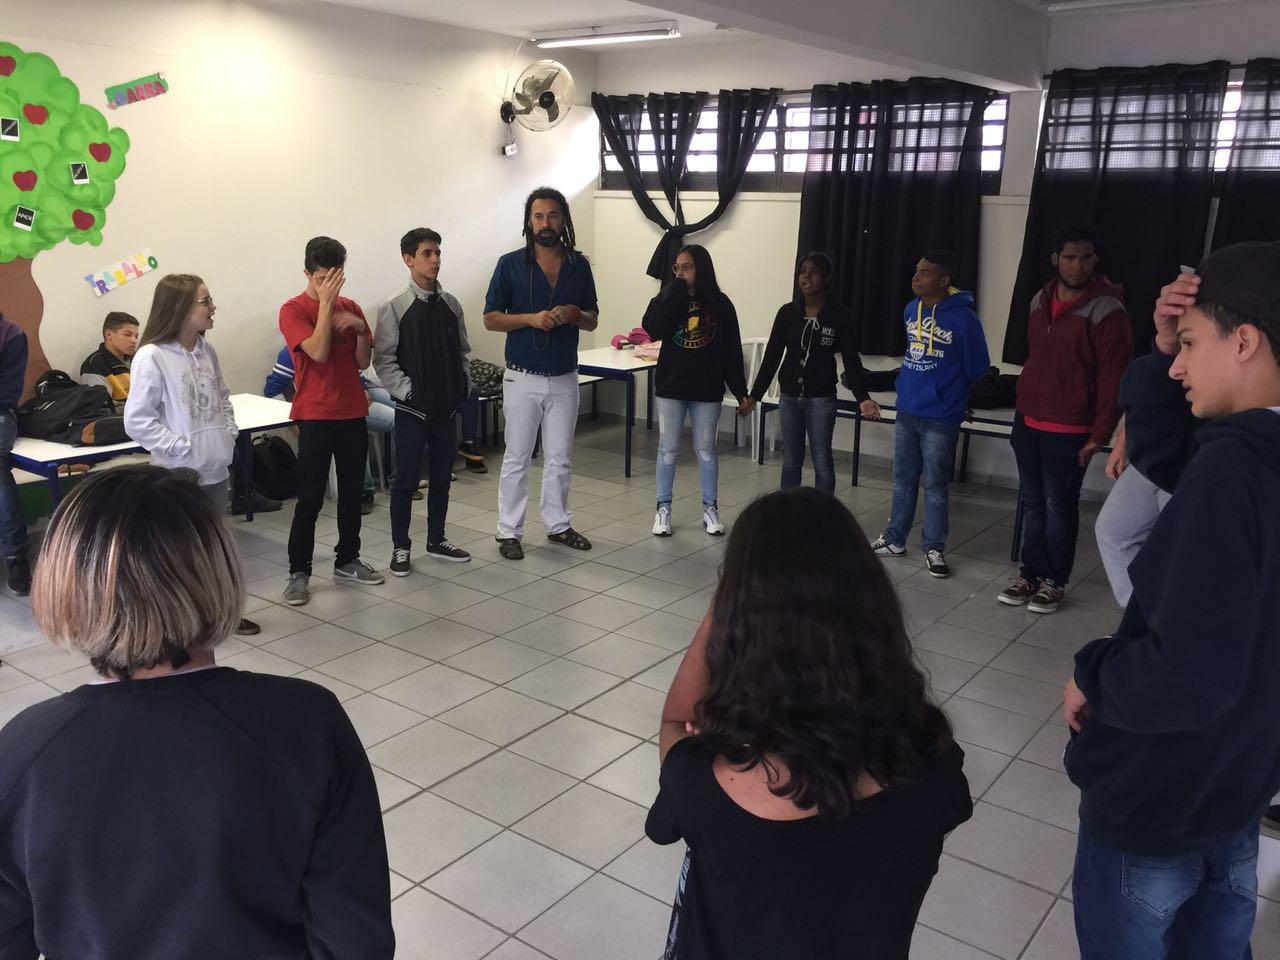 Estudantes conversam em sala de aula. Eles estão de pé, em um círculo.